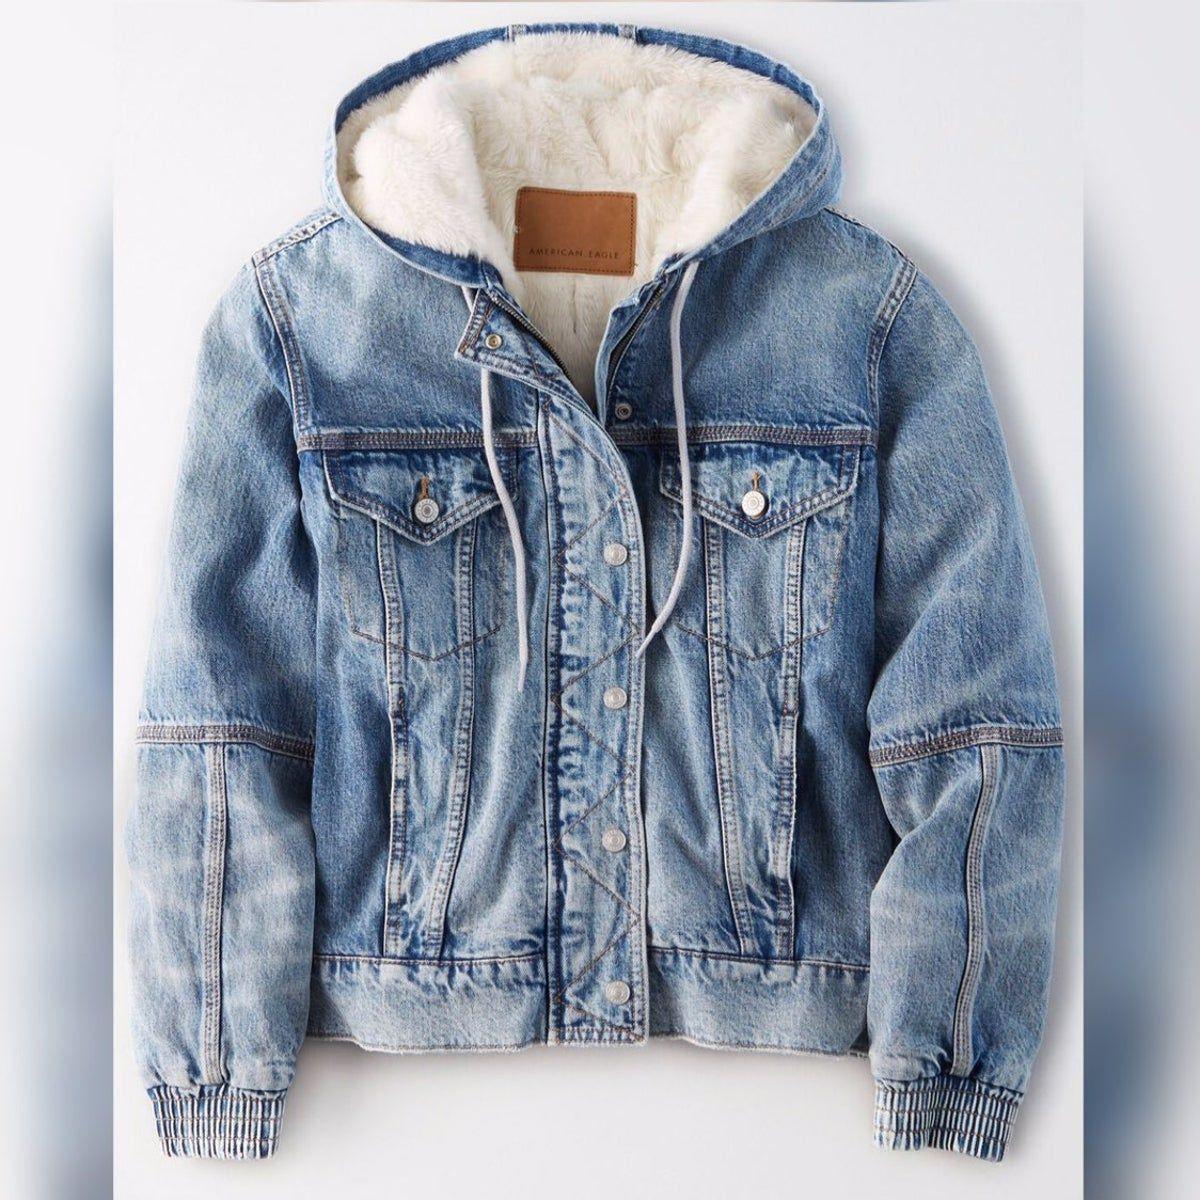 Jean Jacket Hooded Denim Jacket Sherpa Lined Denim Jacket Winter Jacket Outfits [ 1200 x 1200 Pixel ]